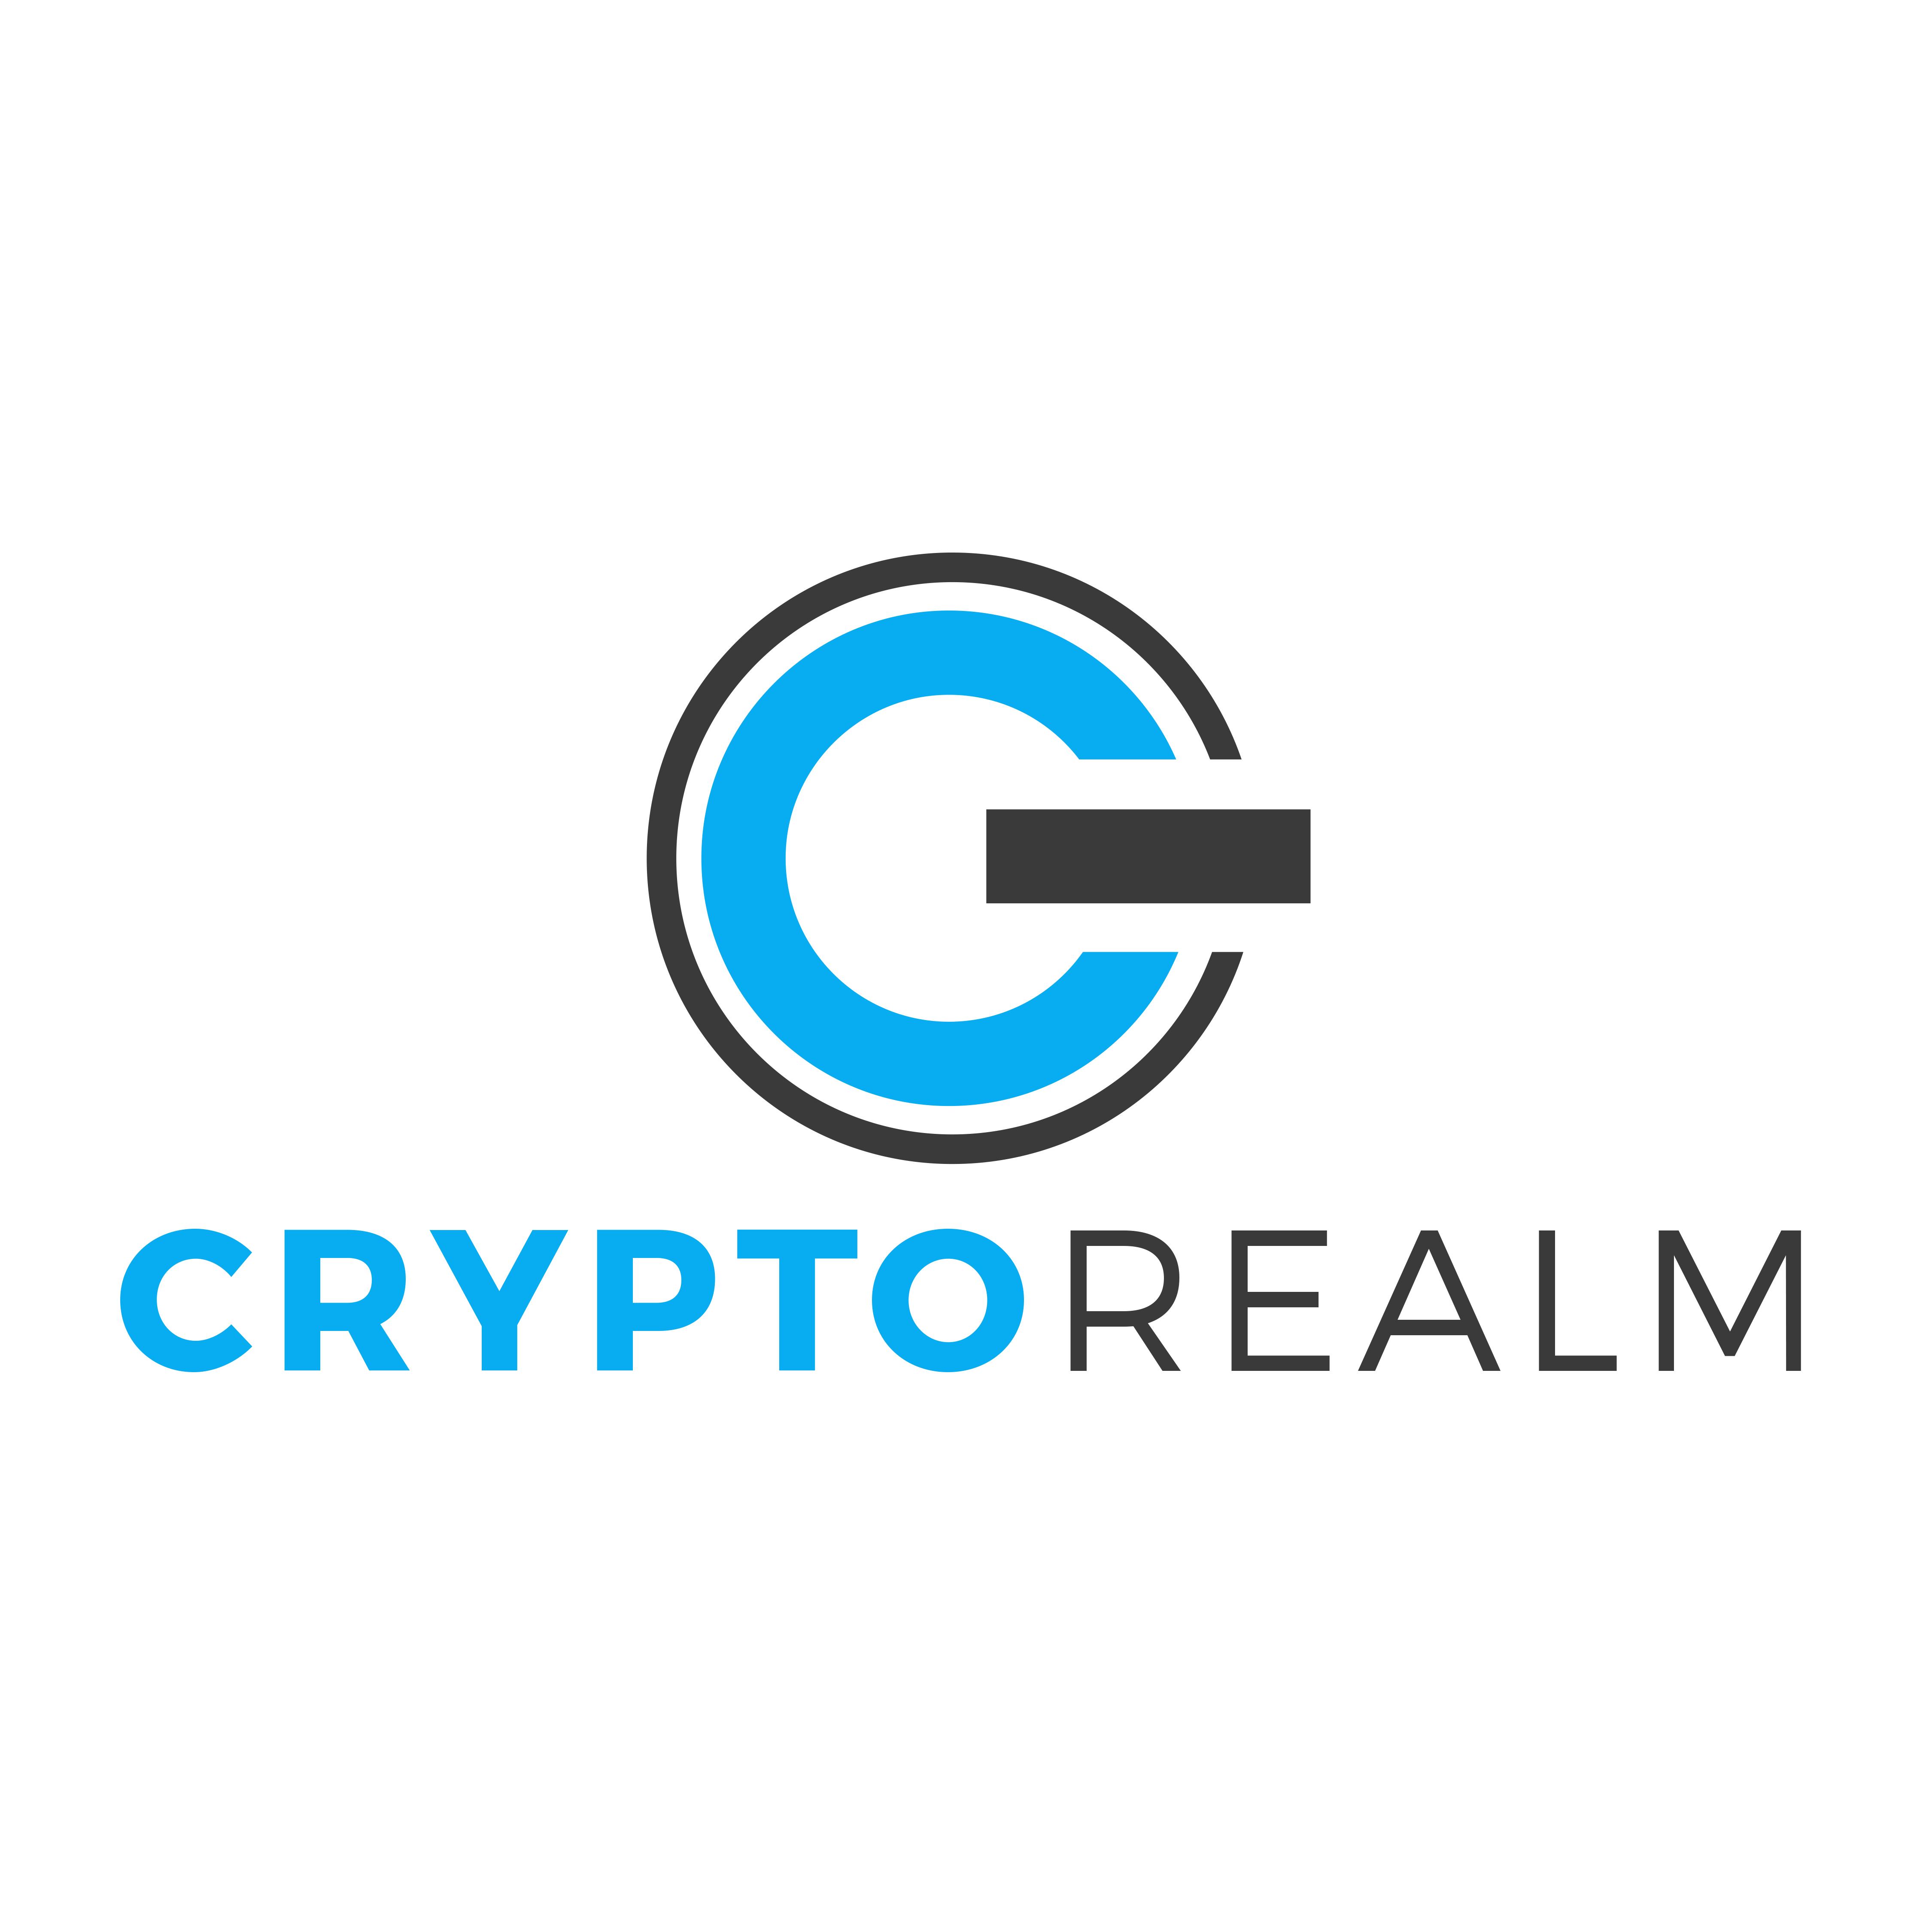 Crypto Realm